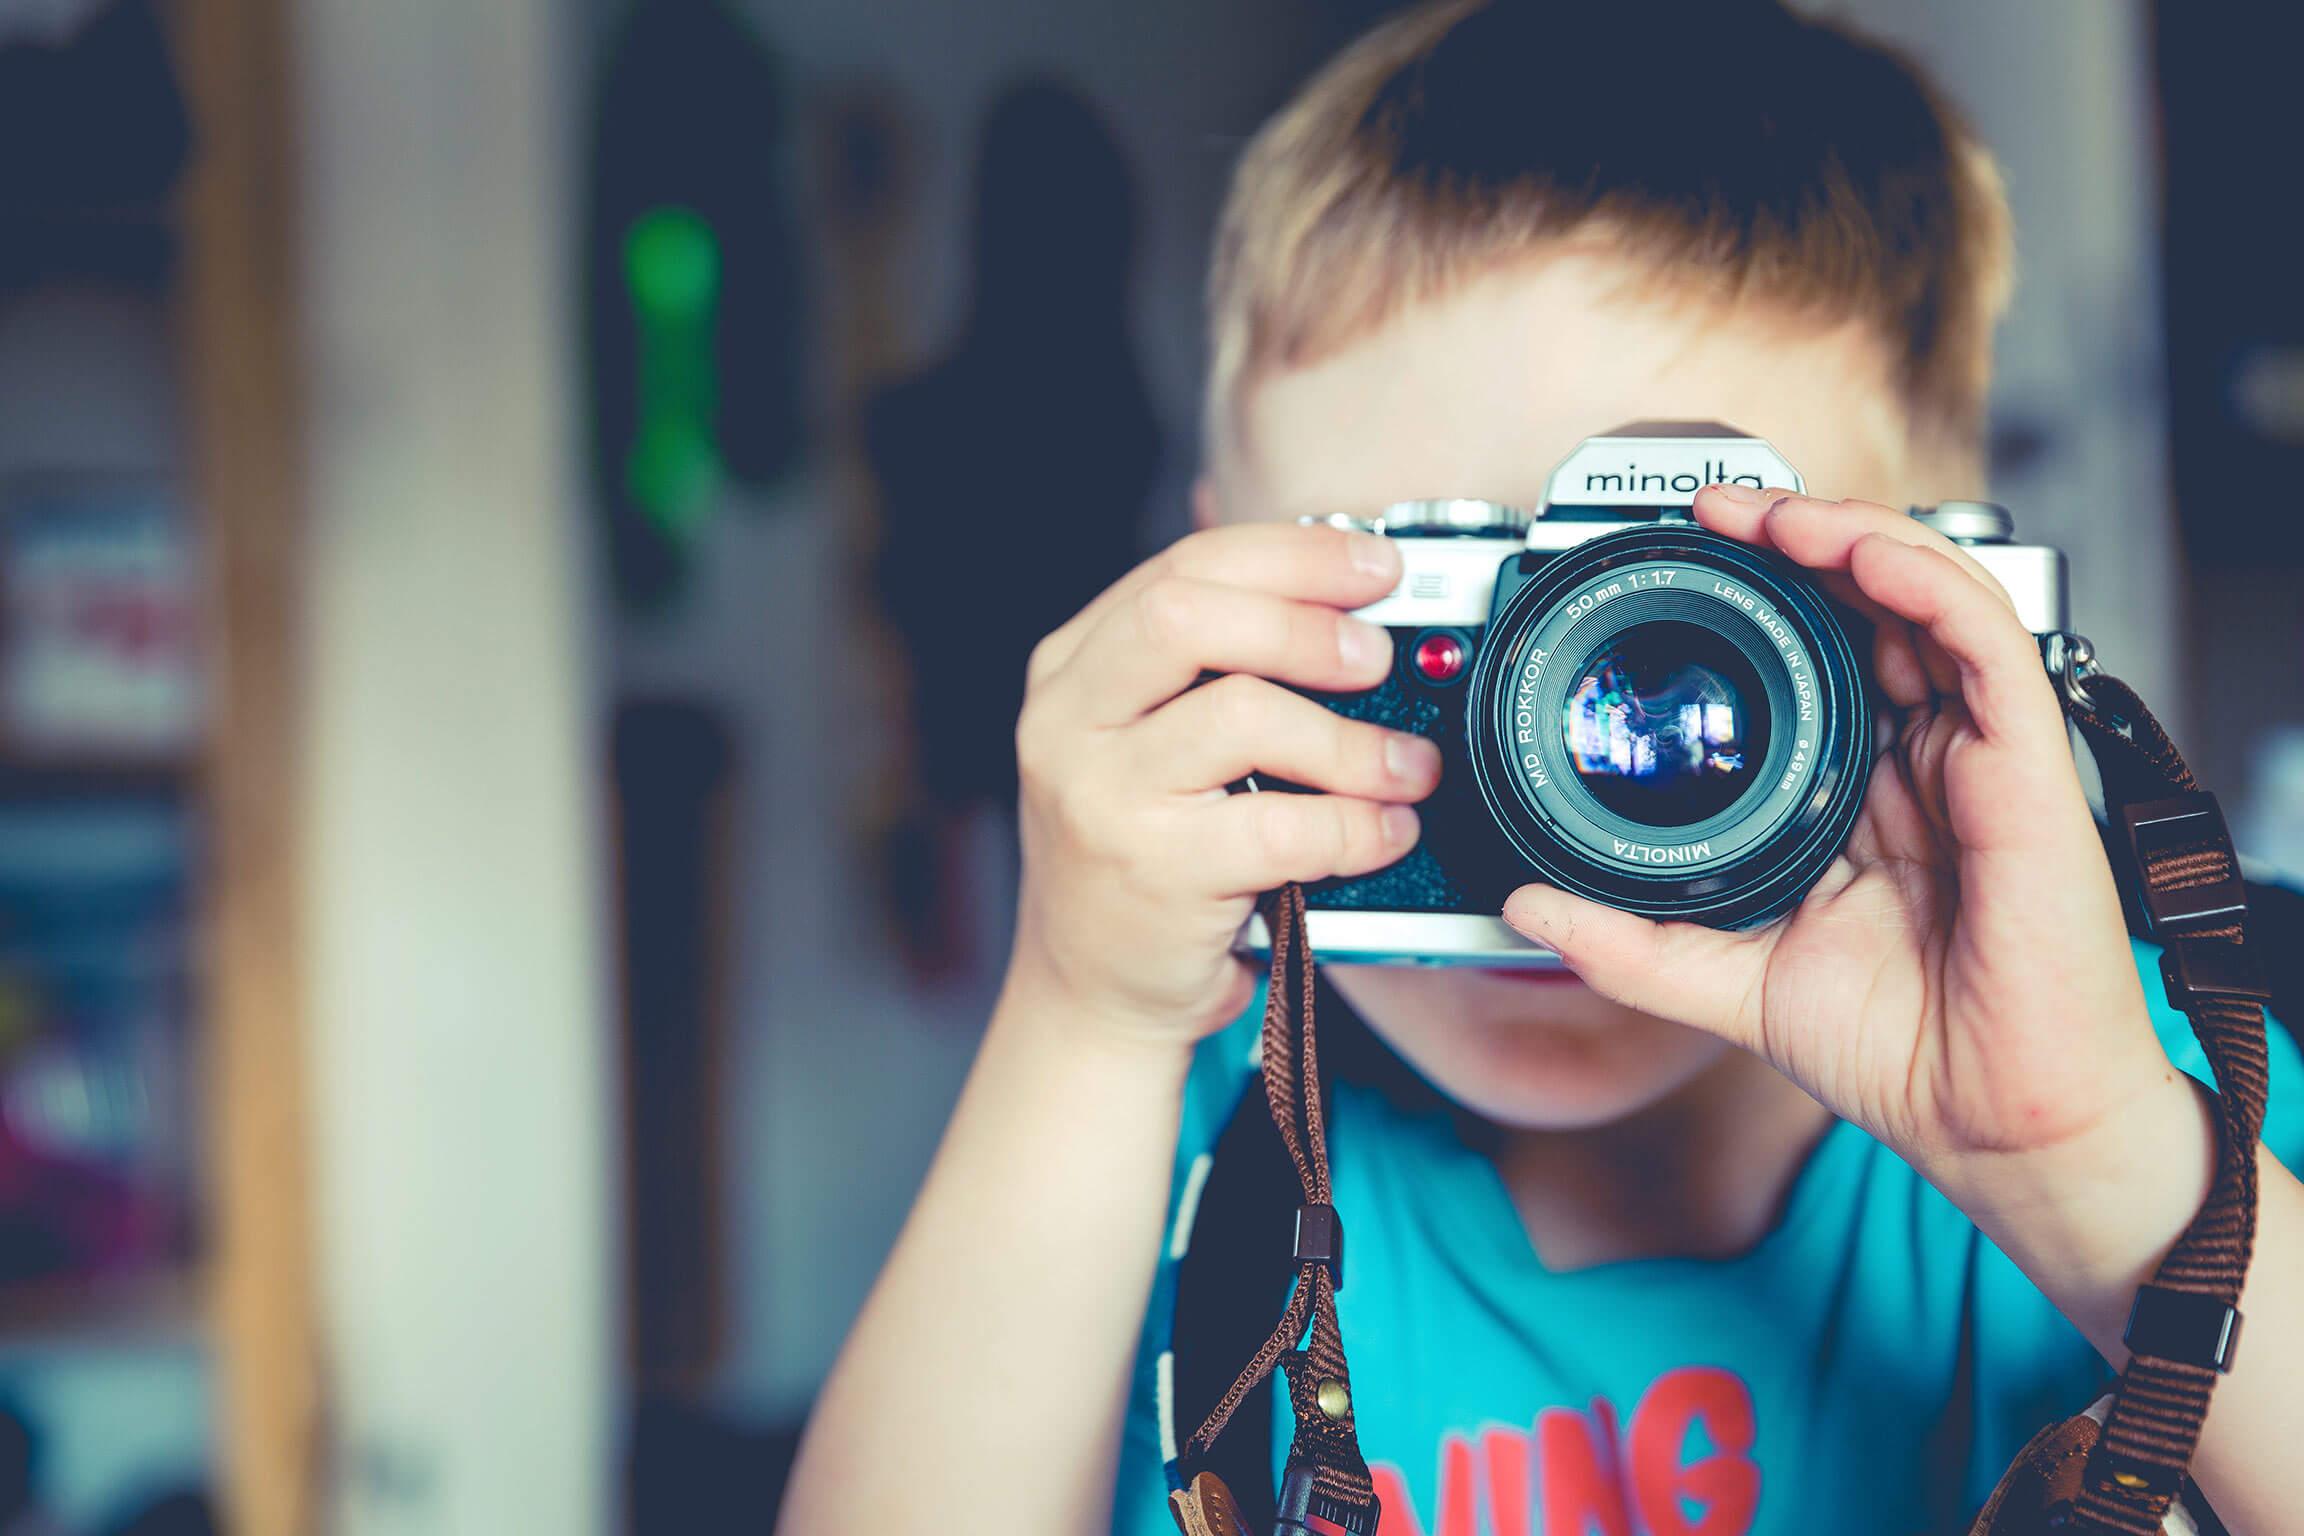 garçon photo - recherche super babysitter la Réunion